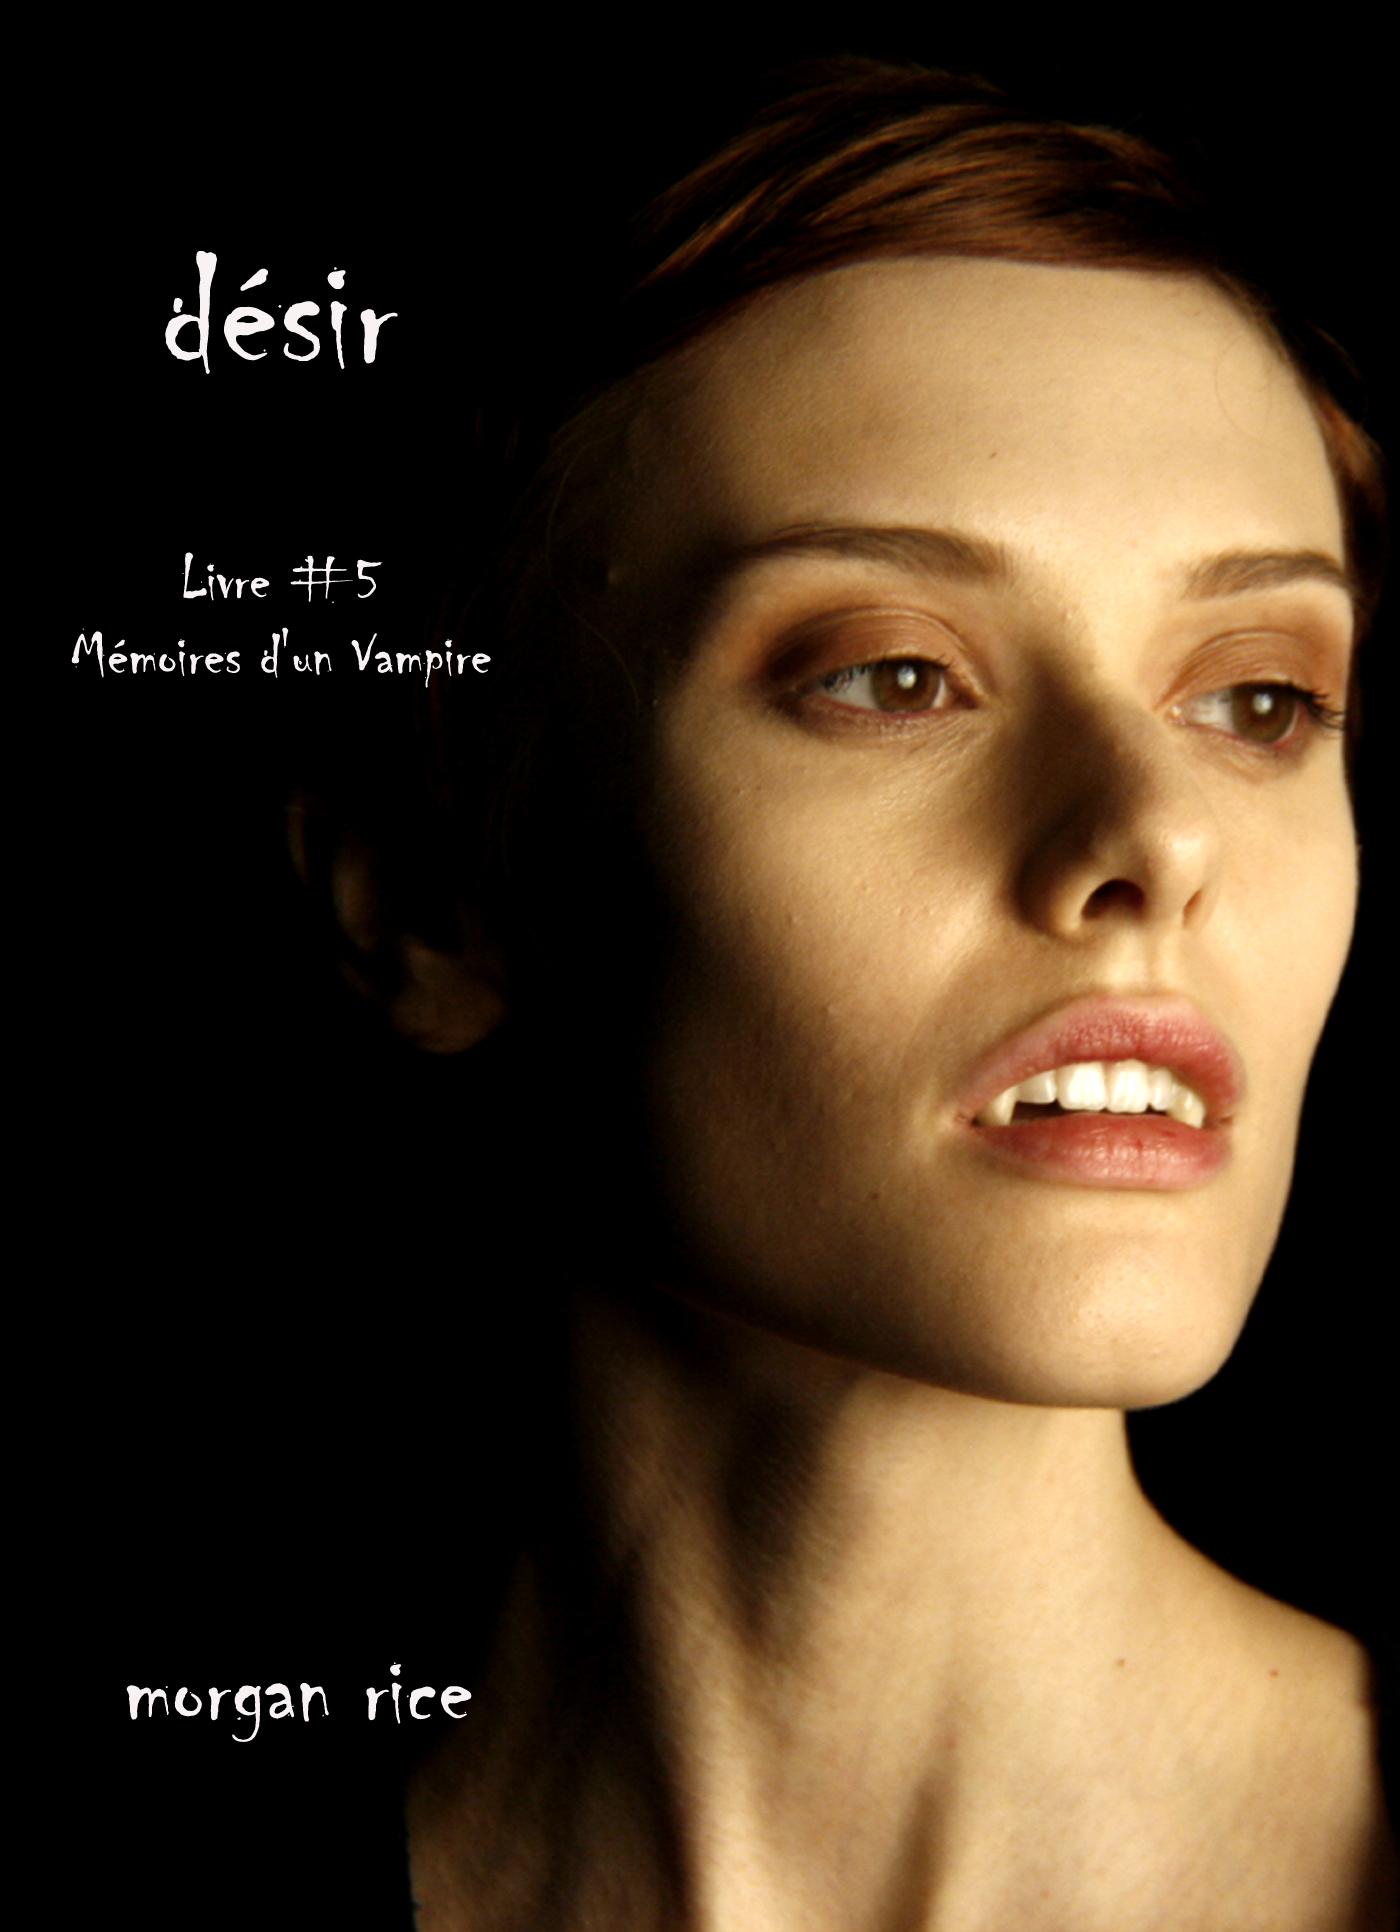 DESIR (LIVRE #5 MEMOIRES D